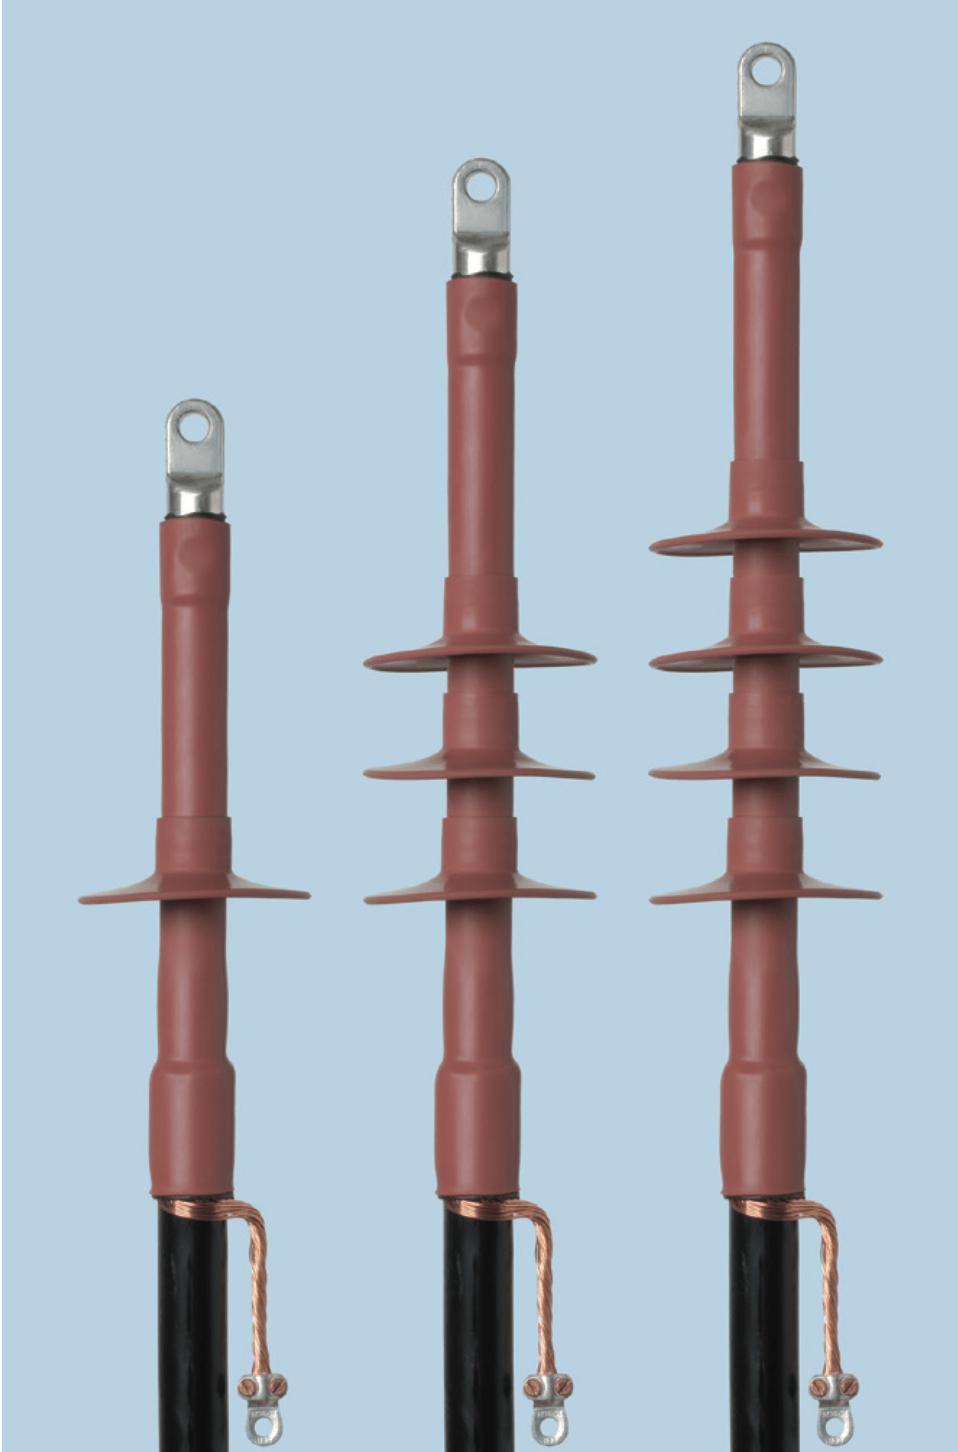 Концевые муфты POLT внутренней и наружной установки для экранированных одножильных кабелей с пластмассовой изоляцией на напряжение 10,20 и 35кВ